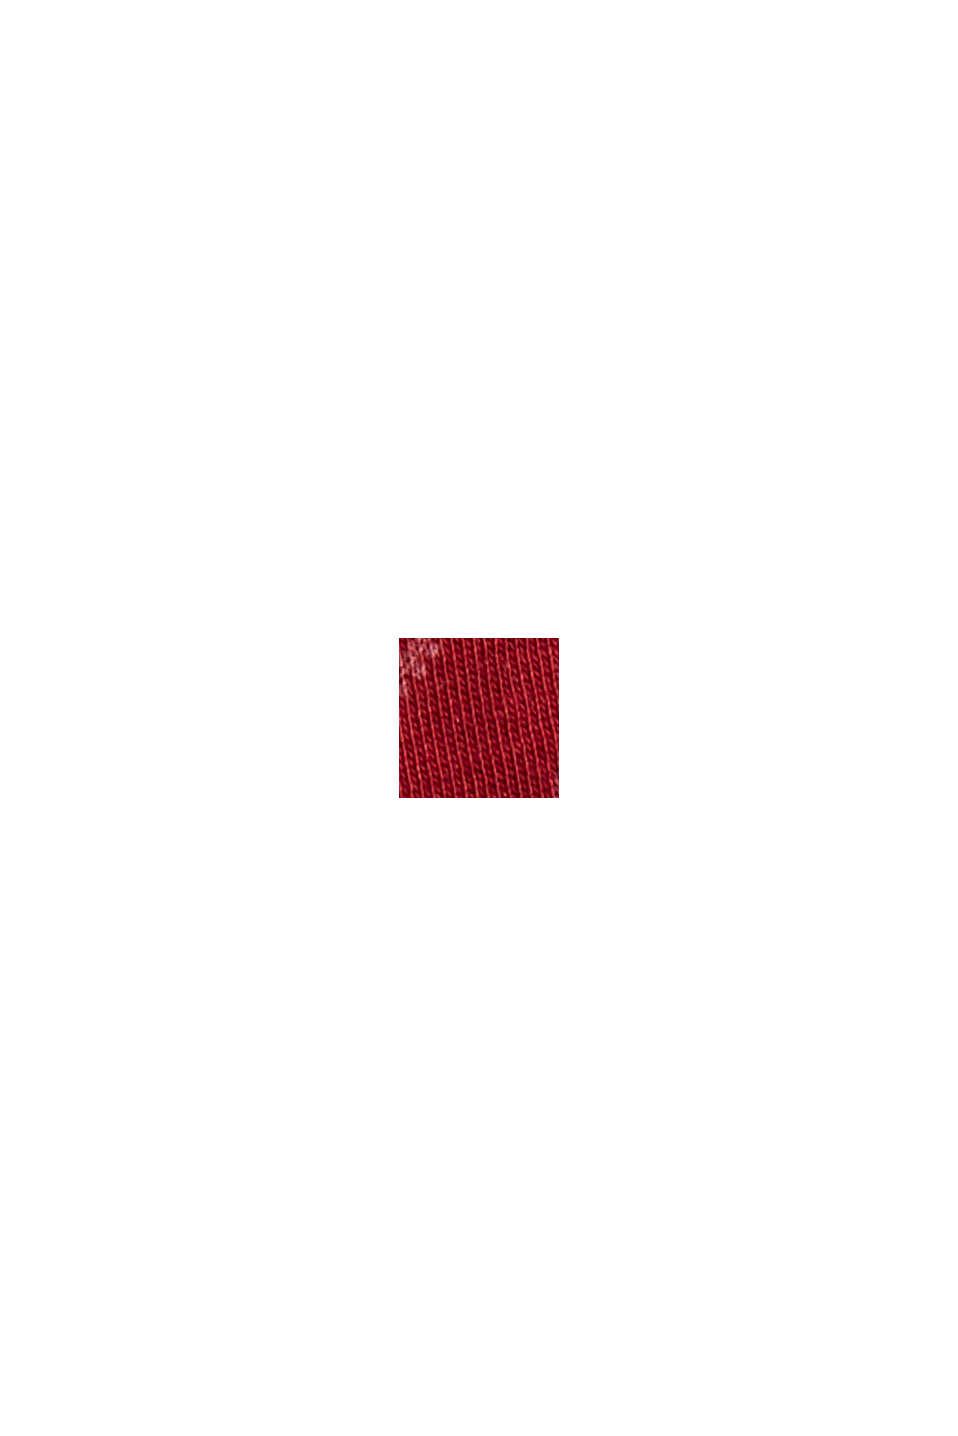 Tričko s dlouhým rukávem ze 100% bio bavlny:, DARK RED, swatch